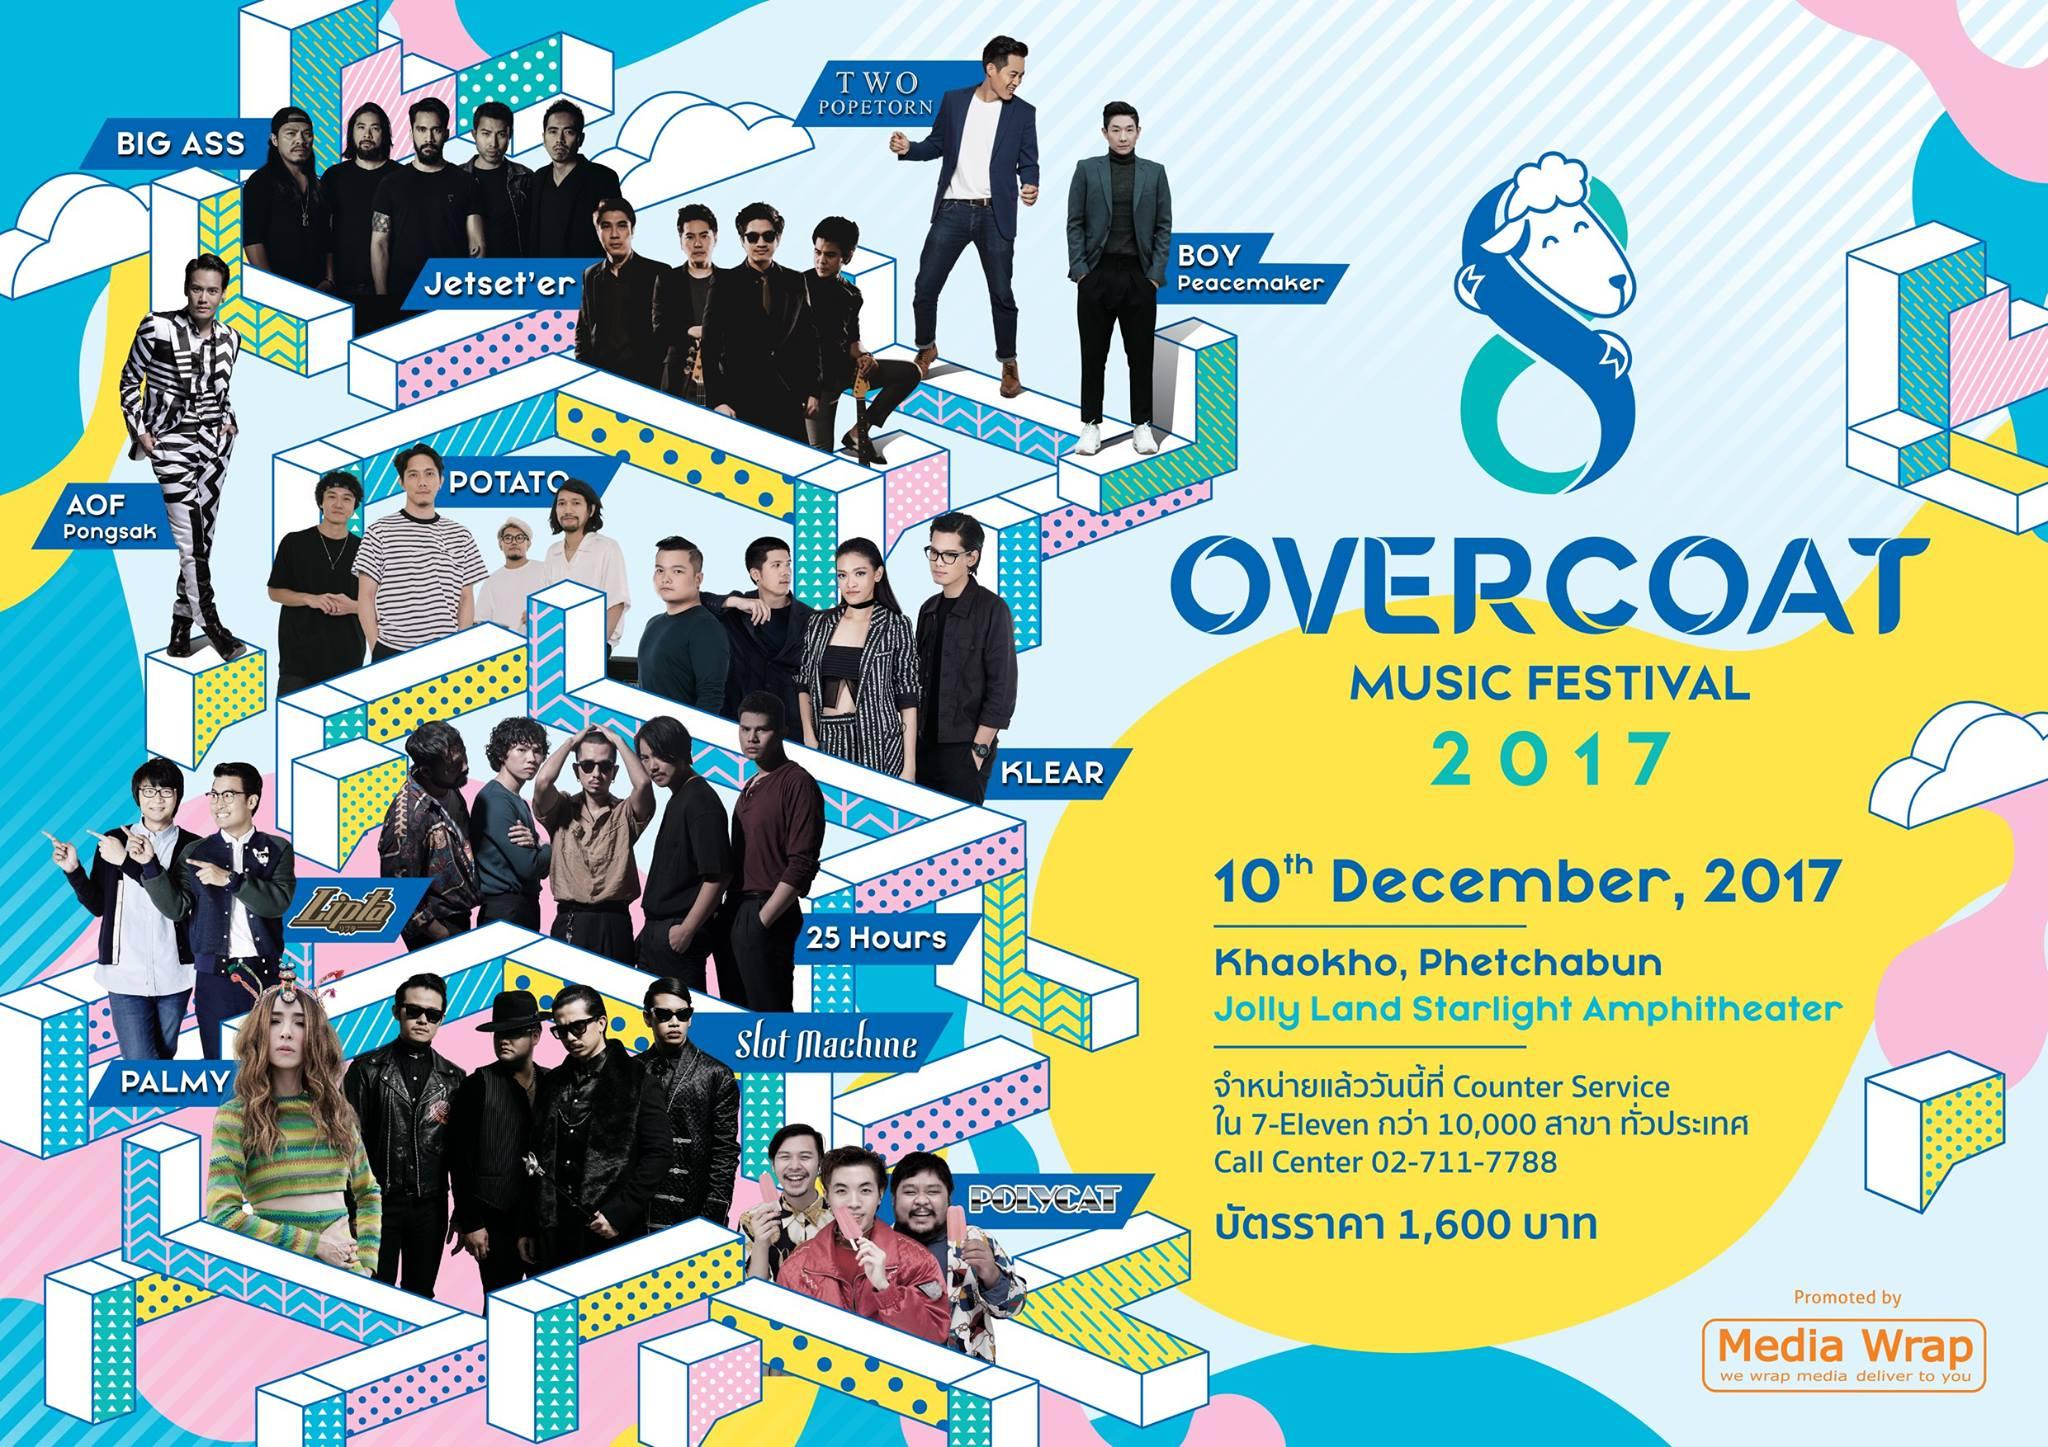 คอนเสิร์ต Overcoat music festival 2017